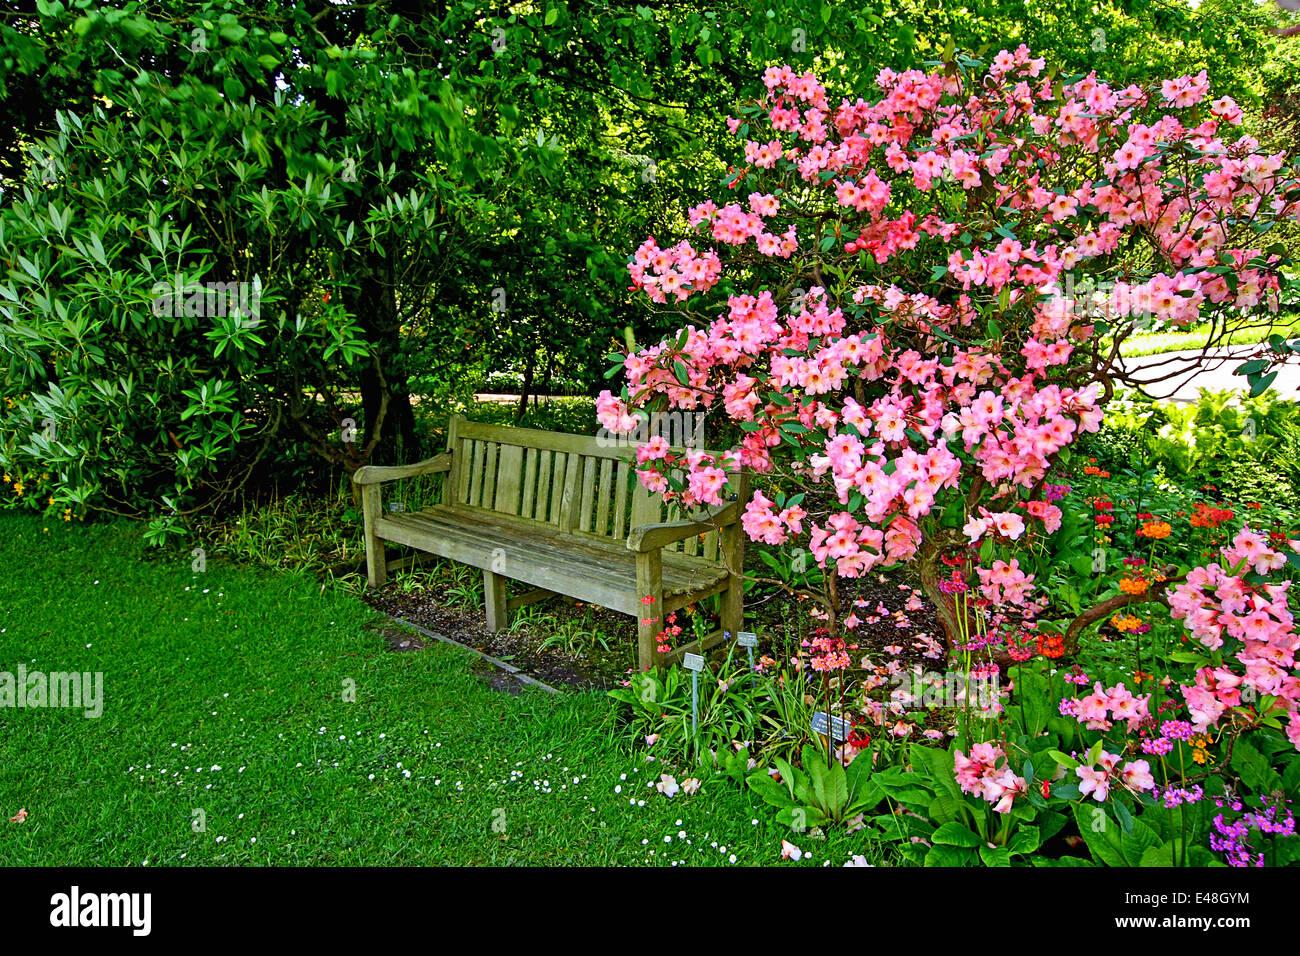 Vieux Banc De Jardin vieux banc en bois, de fleurs de rhododendron dans le vieux